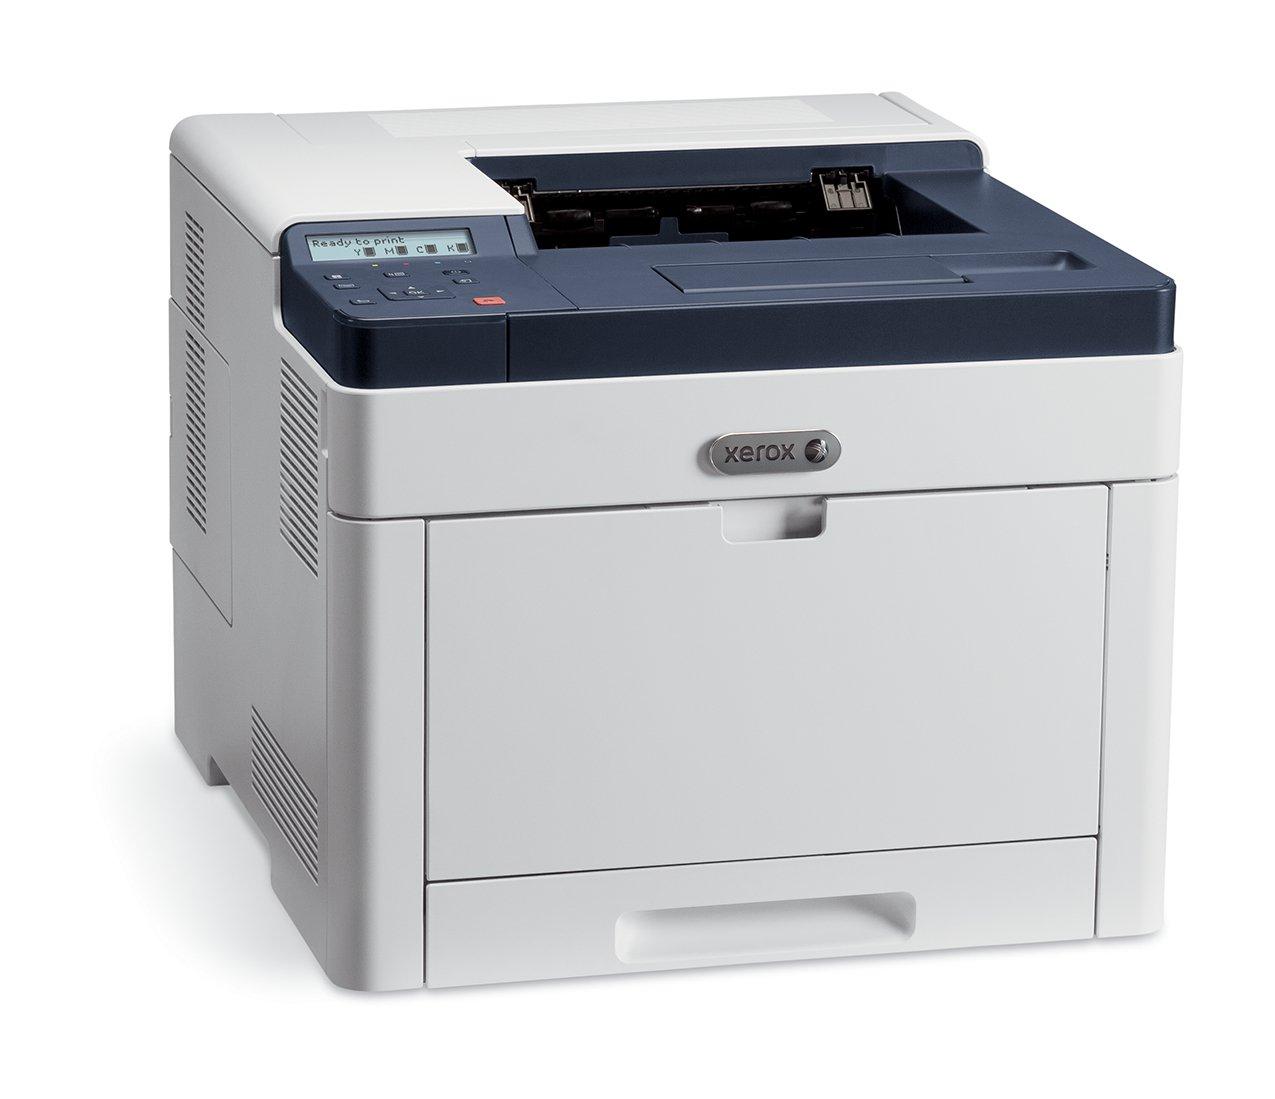 Xerox color laser printers - Xerox Color Laser Printers 31